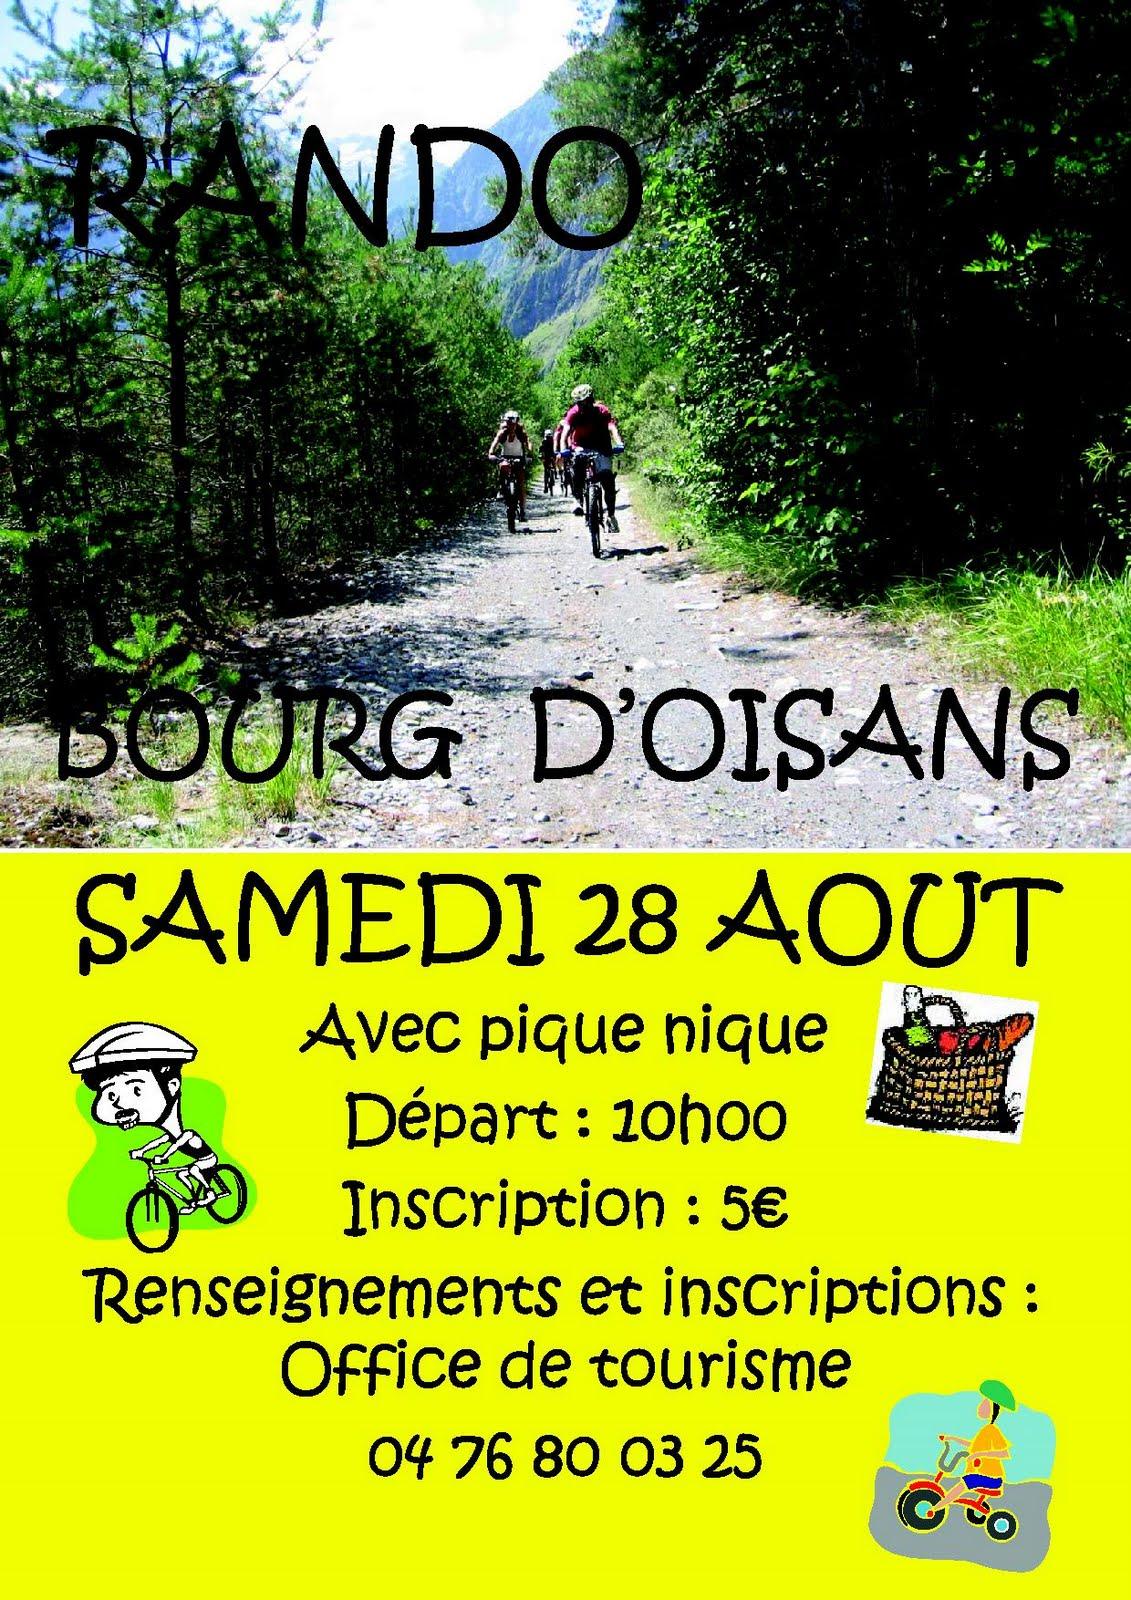 News de l 39 office de tourisme bourg d 39 oisans rando vtt ce - Office de tourisme bourg saint andeol ...